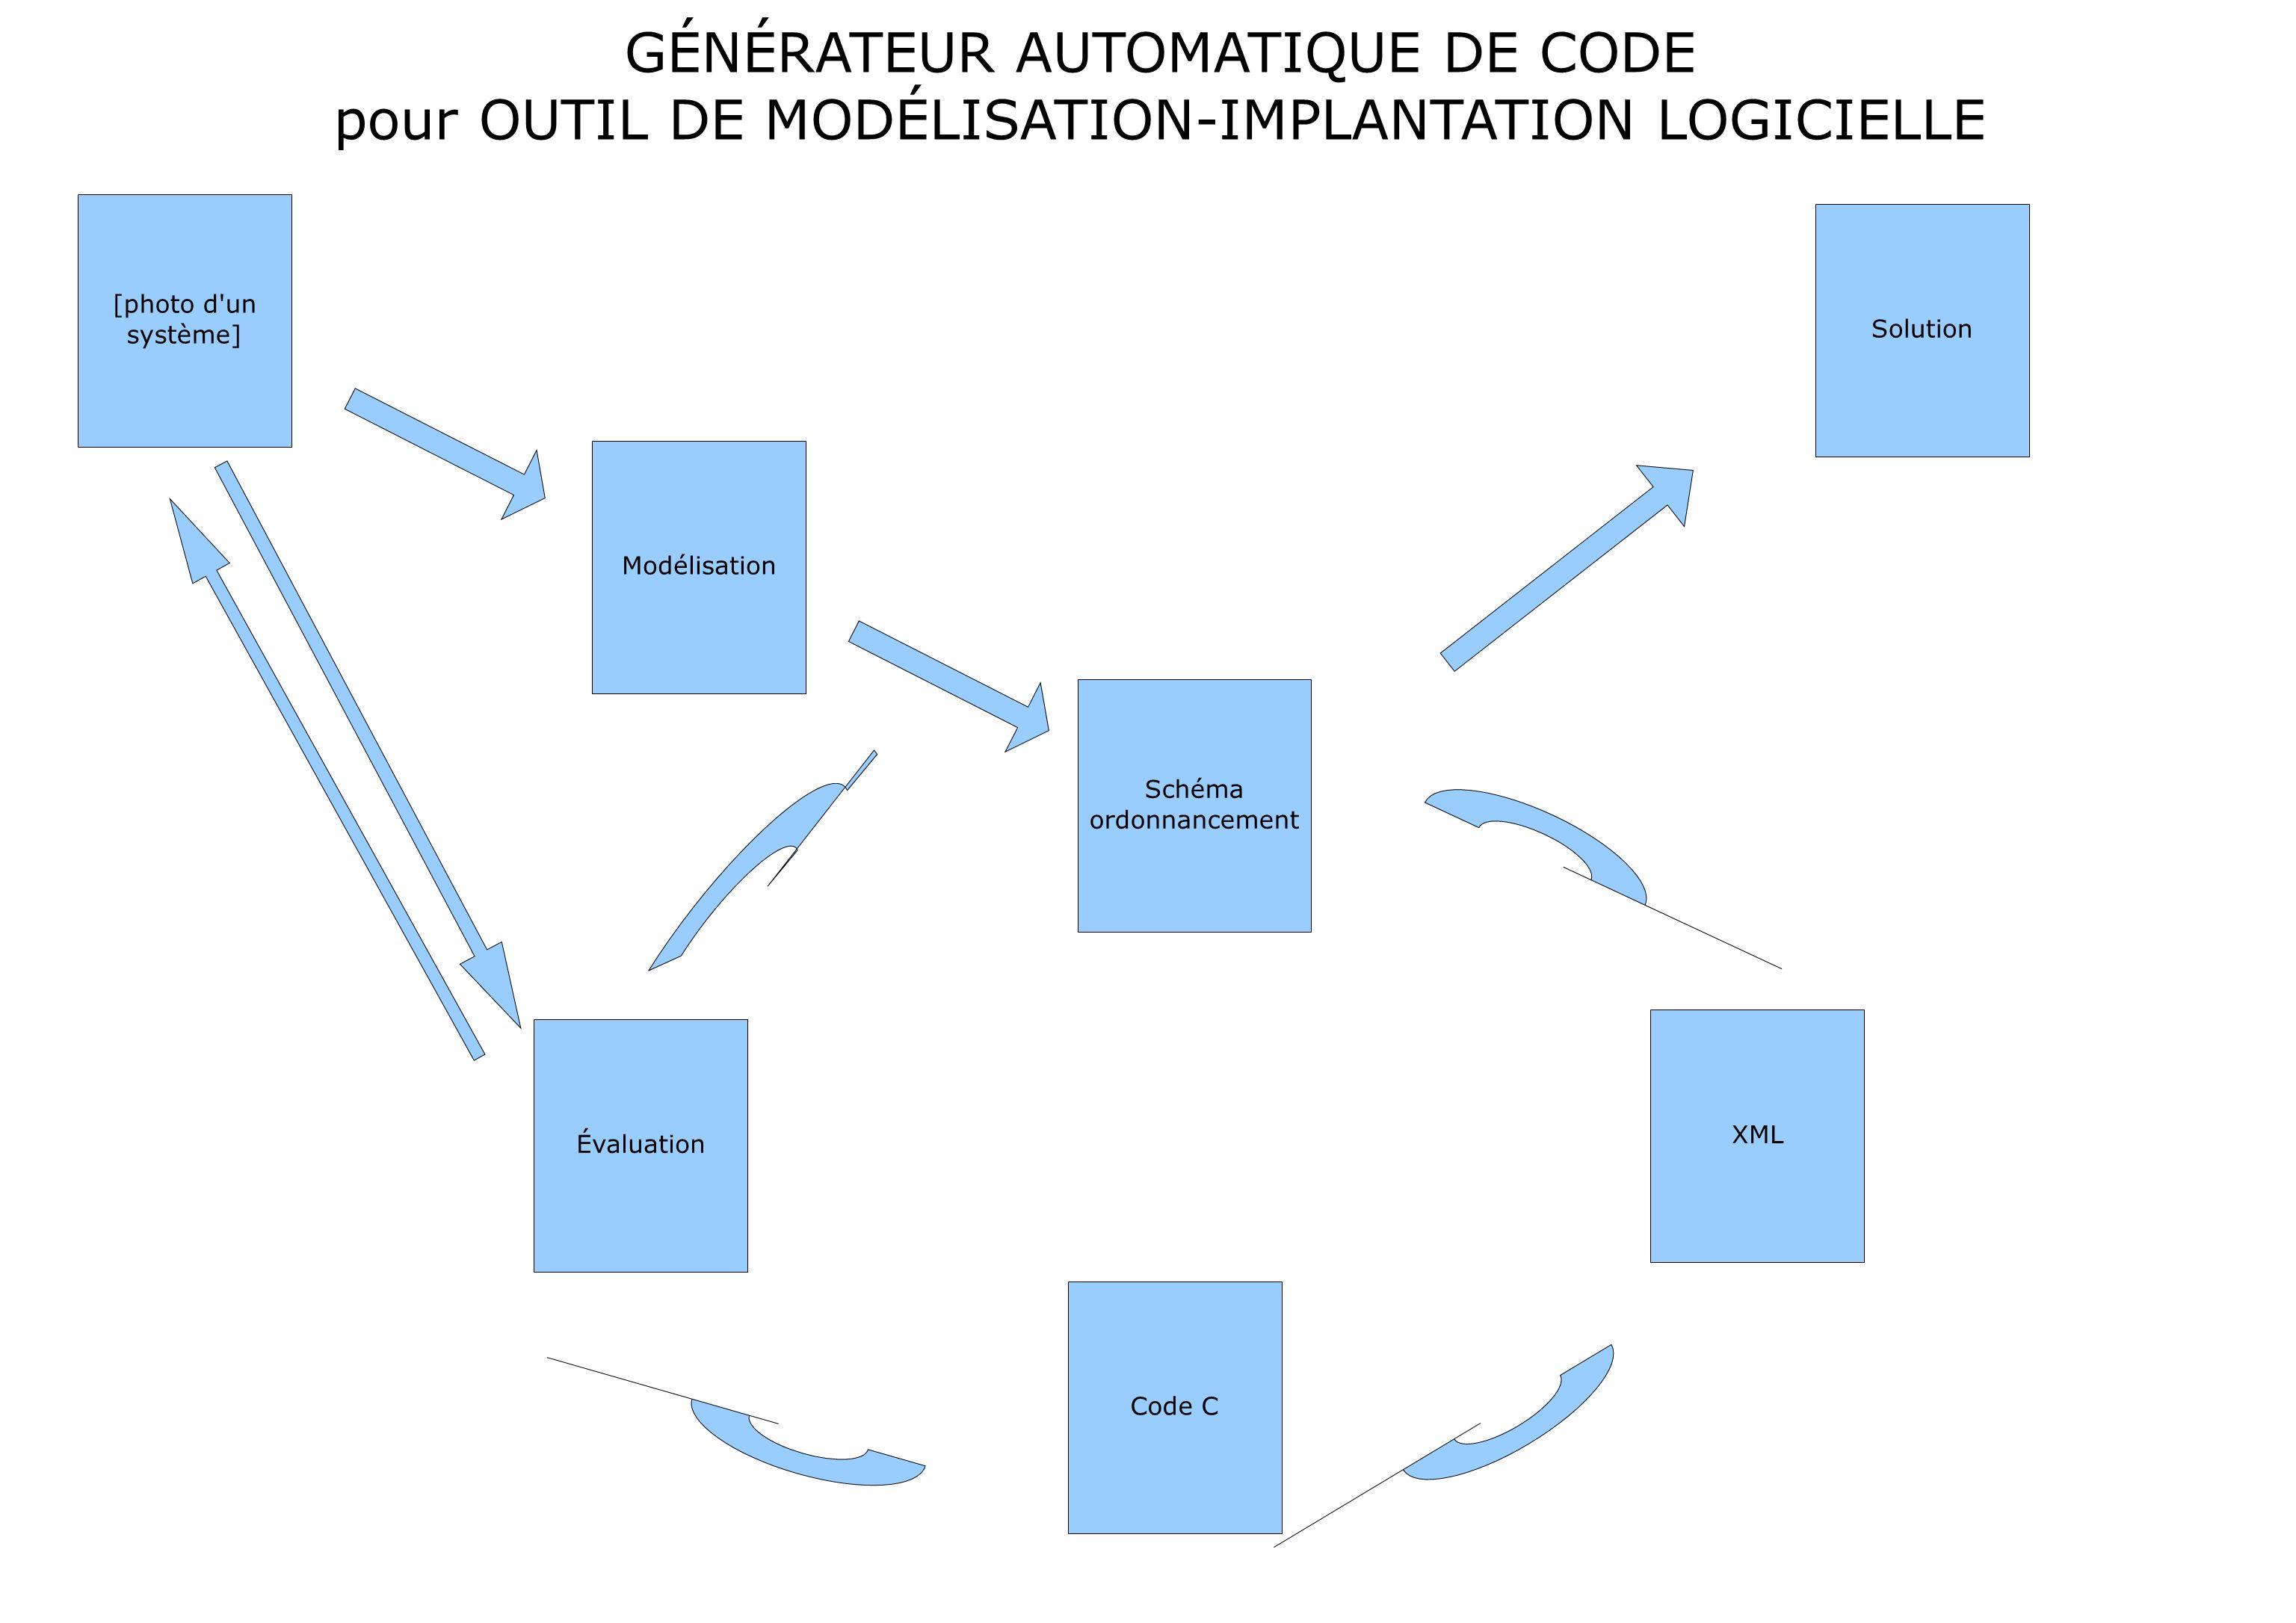 [photo d'un système] Schéma ordonnancement XML Évaluation Code C Modélisation Solution GÉNÉRATEUR AUTOMATIQUE DE CODE pour OUTIL DE MODÉLISATION-IMPLA